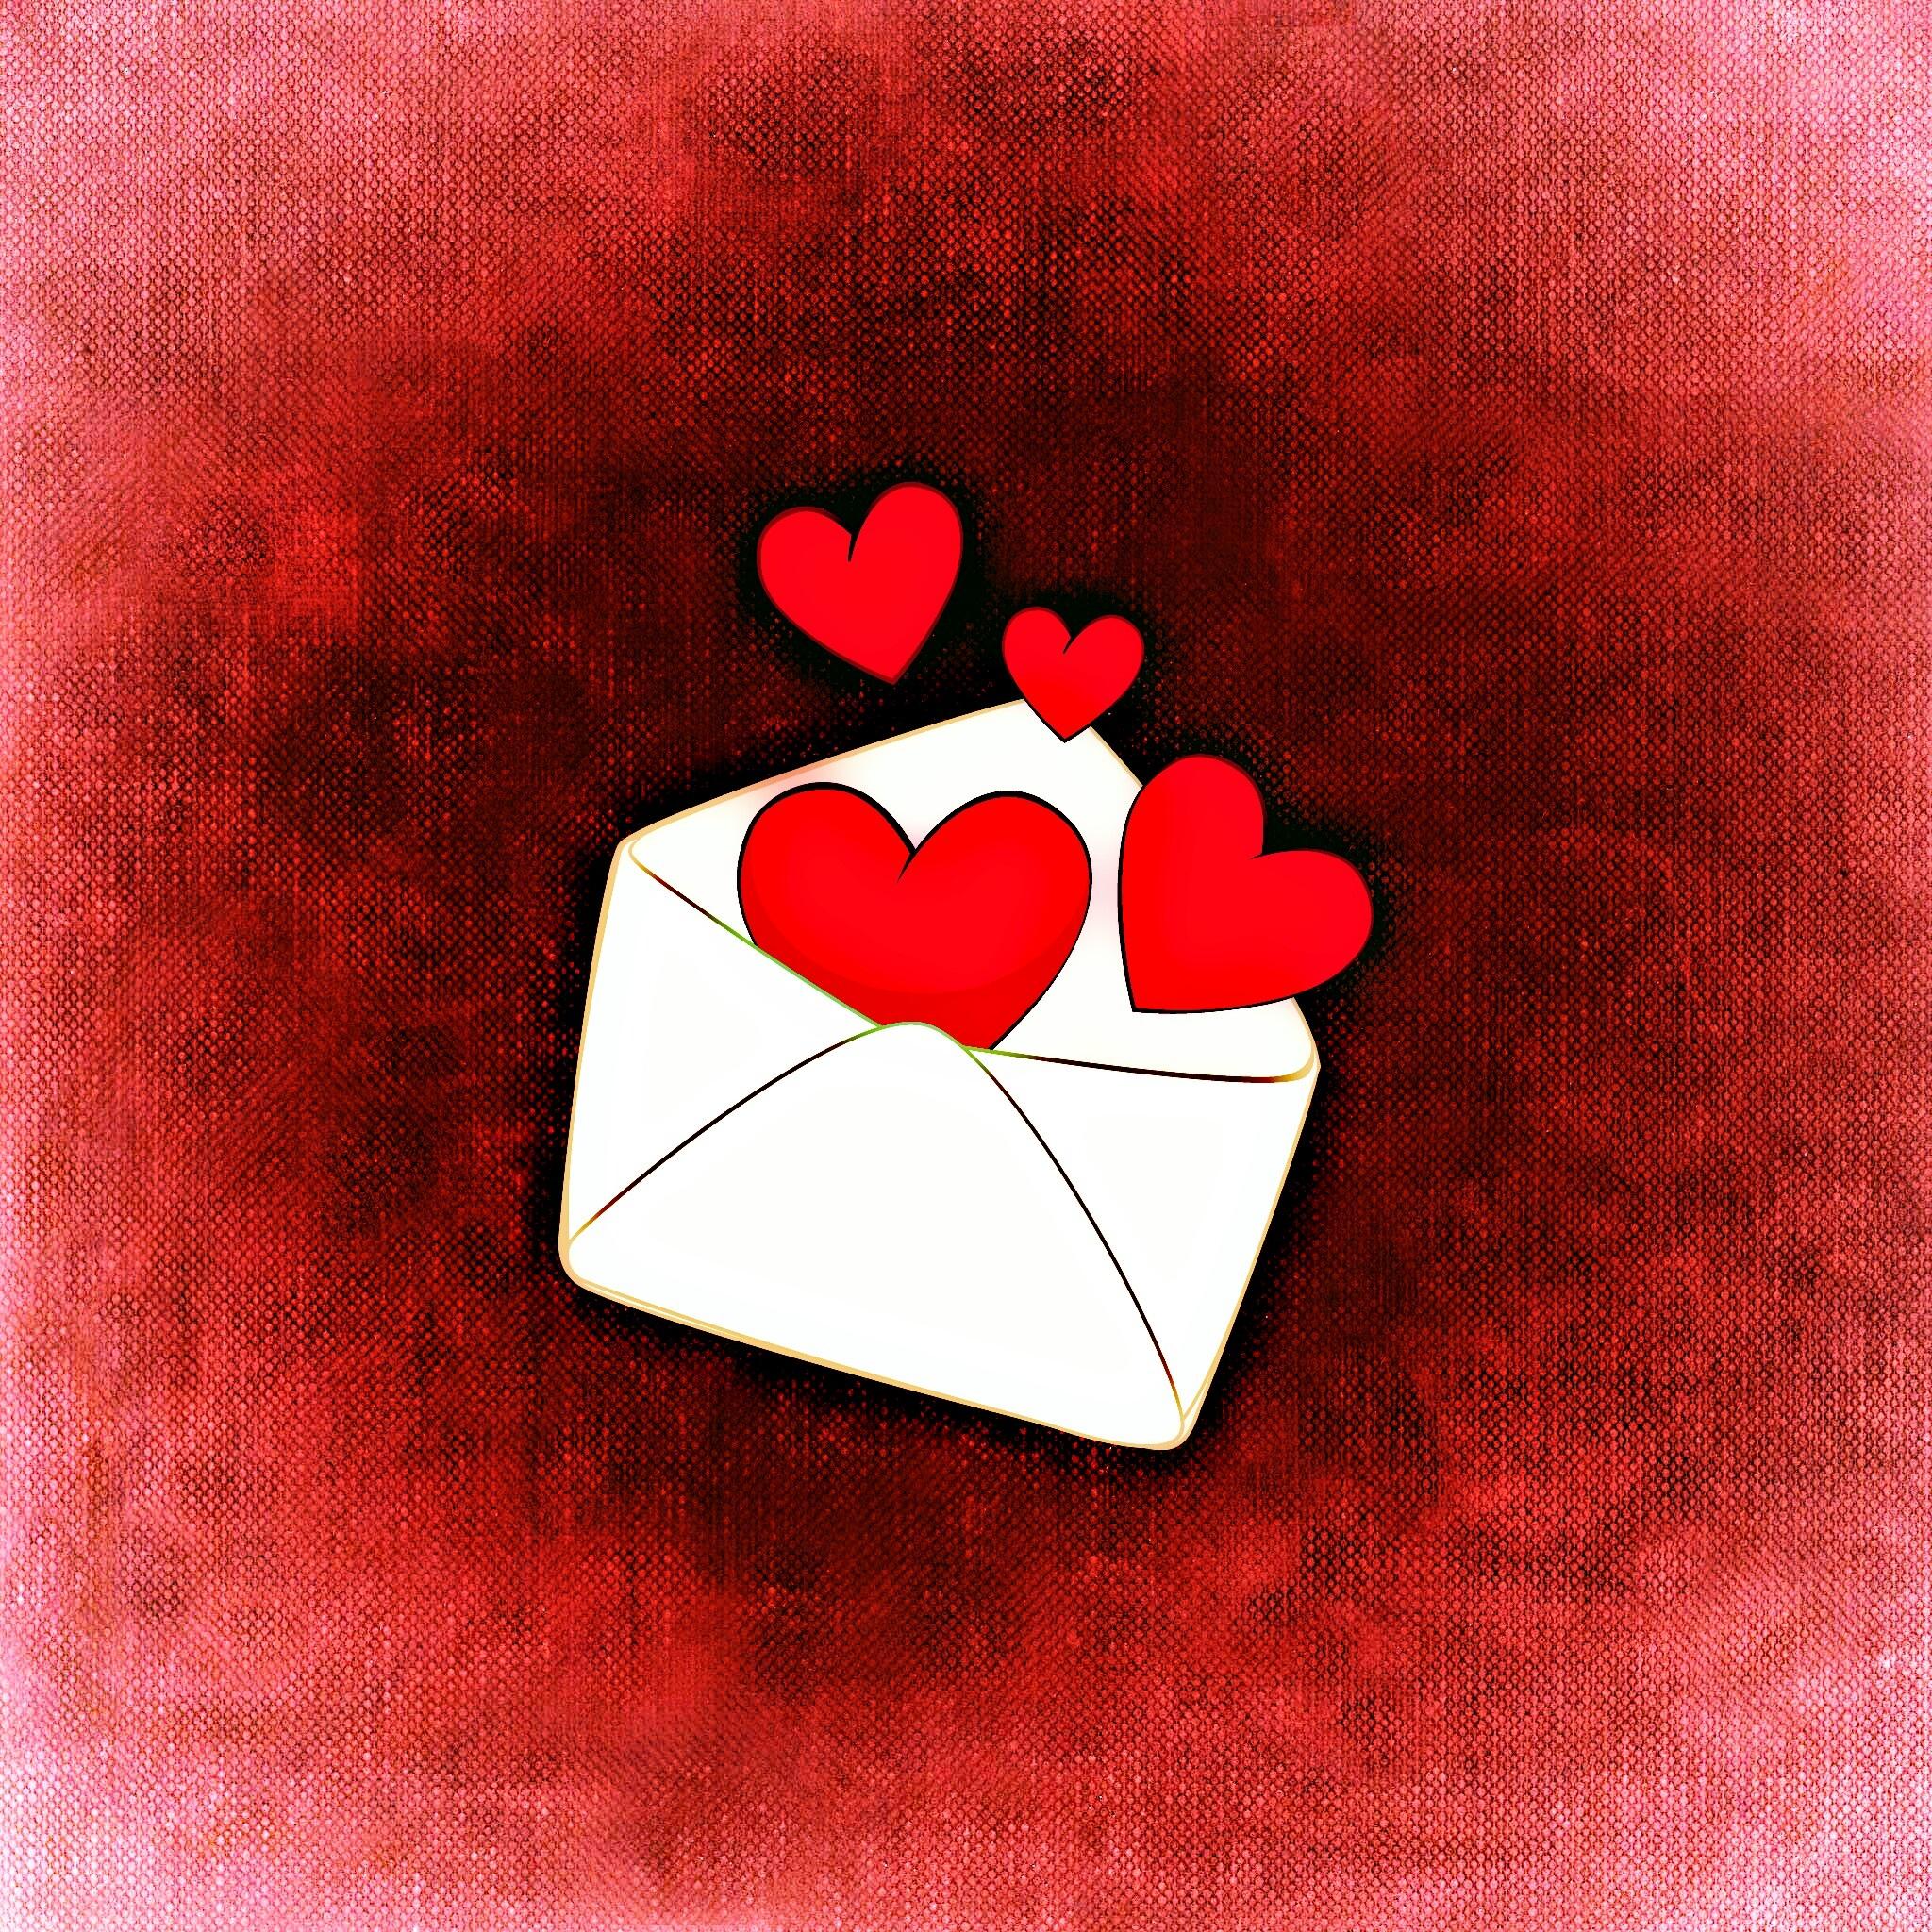 53013 Заставки и Обои Сердца на телефон. Скачать Сердца, Арт, Любовь, Романтика, Конверт картинки бесплатно